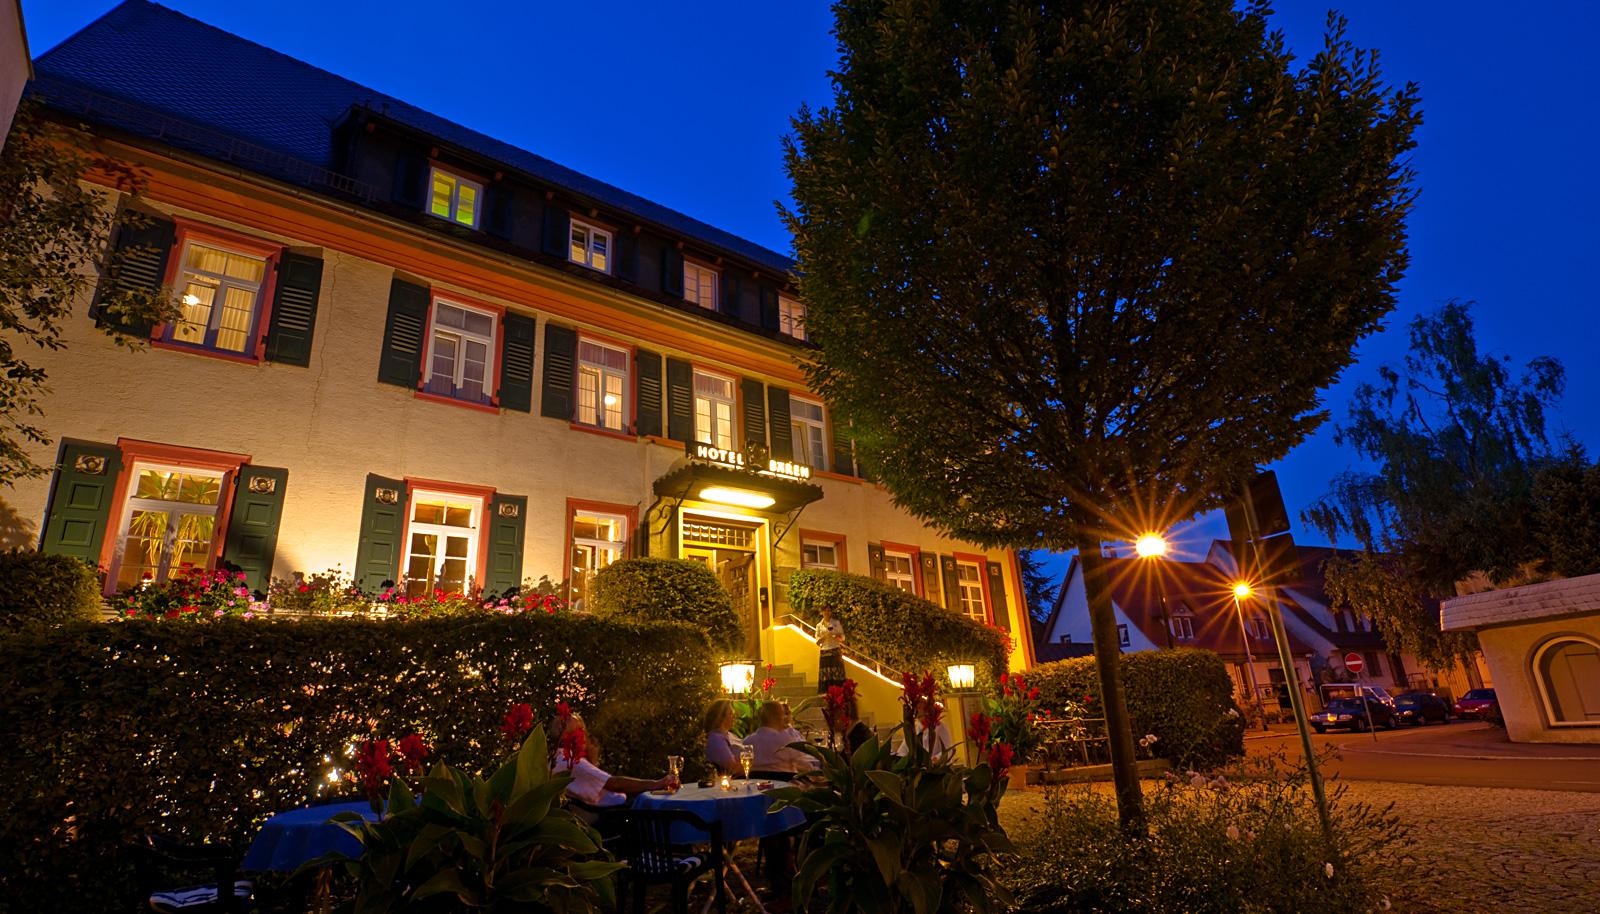 Hotel Bären im Sommer am Abend